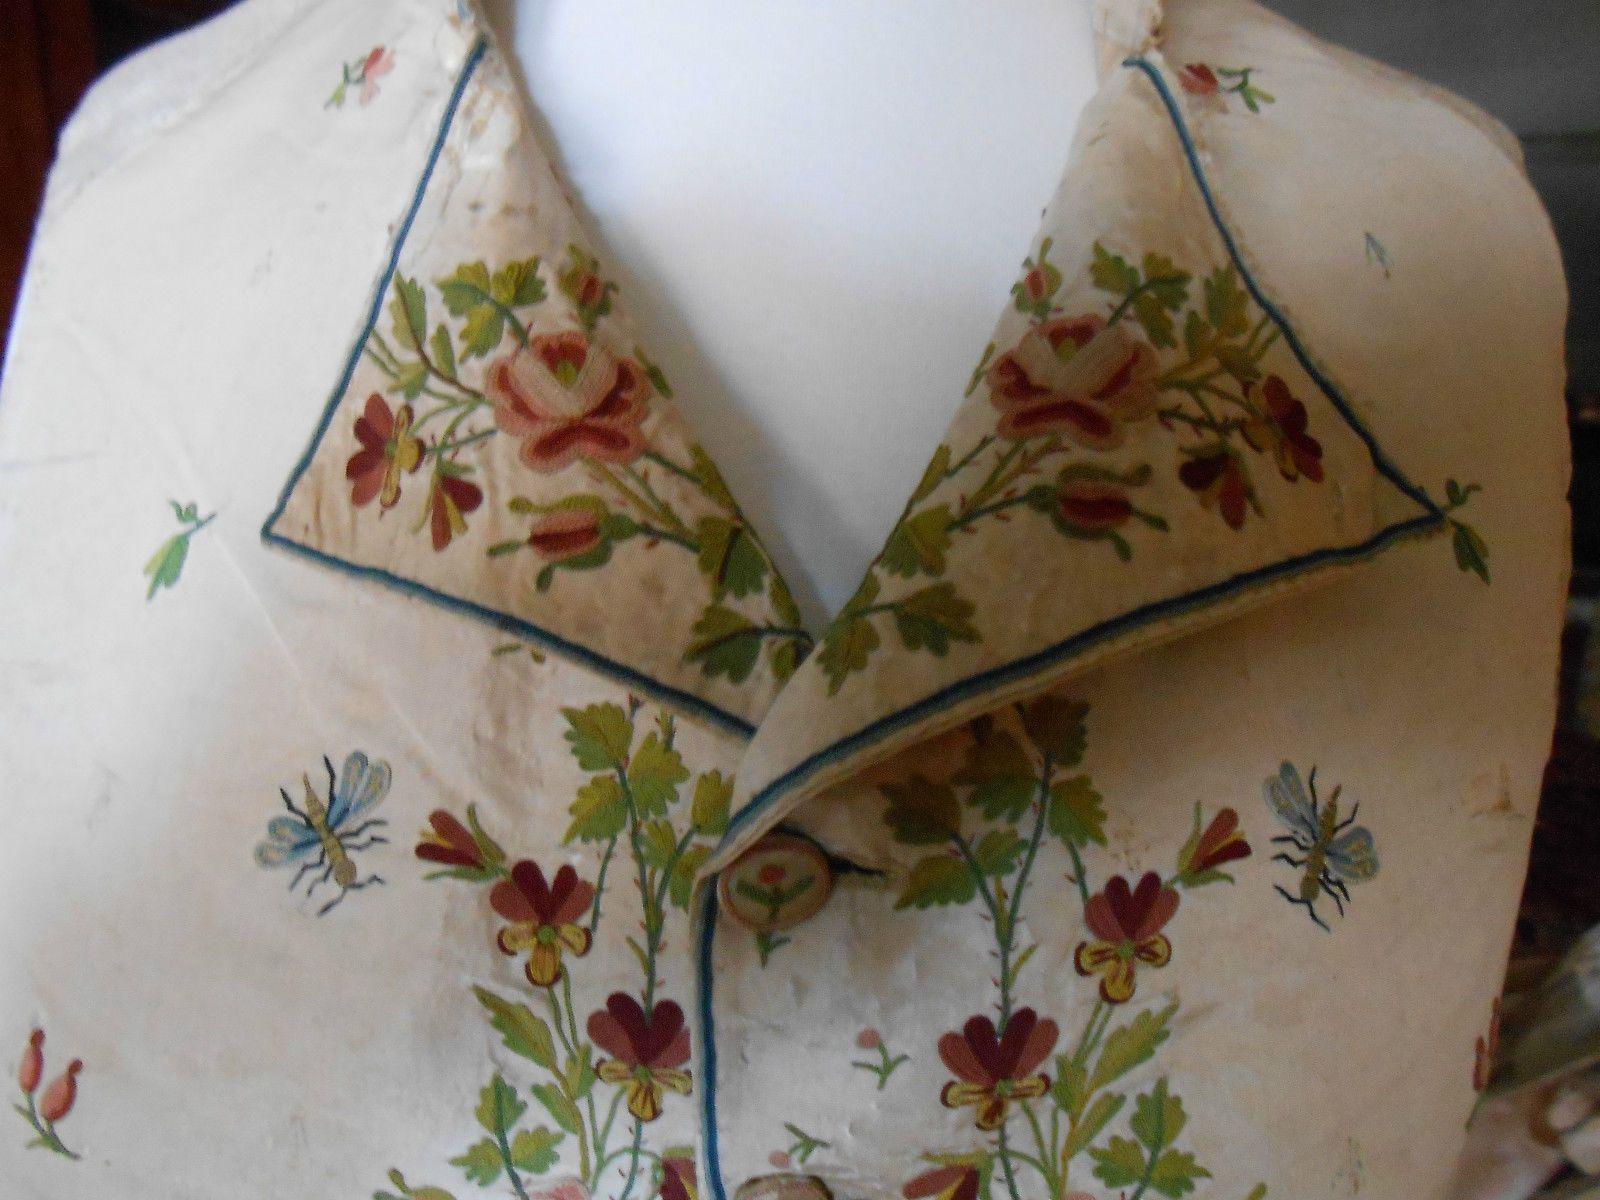 Gilet 18ÈME Siècle Late 18th Century Waistcoat | eBay